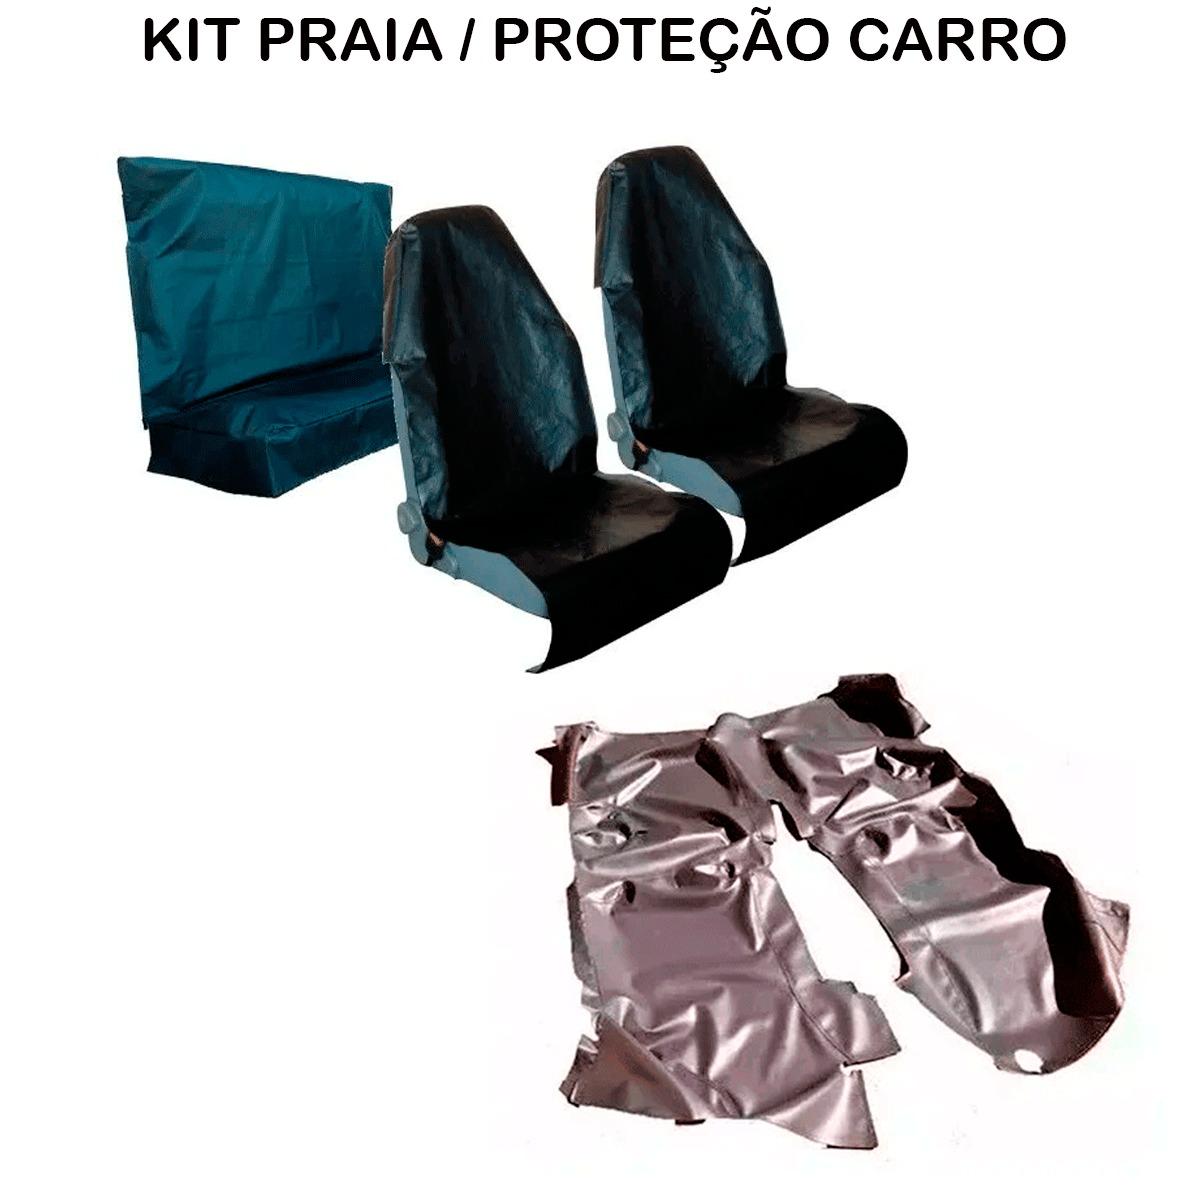 Tapete Em Vinil Ford Ecosport até 2012  + Capa Banco Protecao Banco Areia Suor Academia